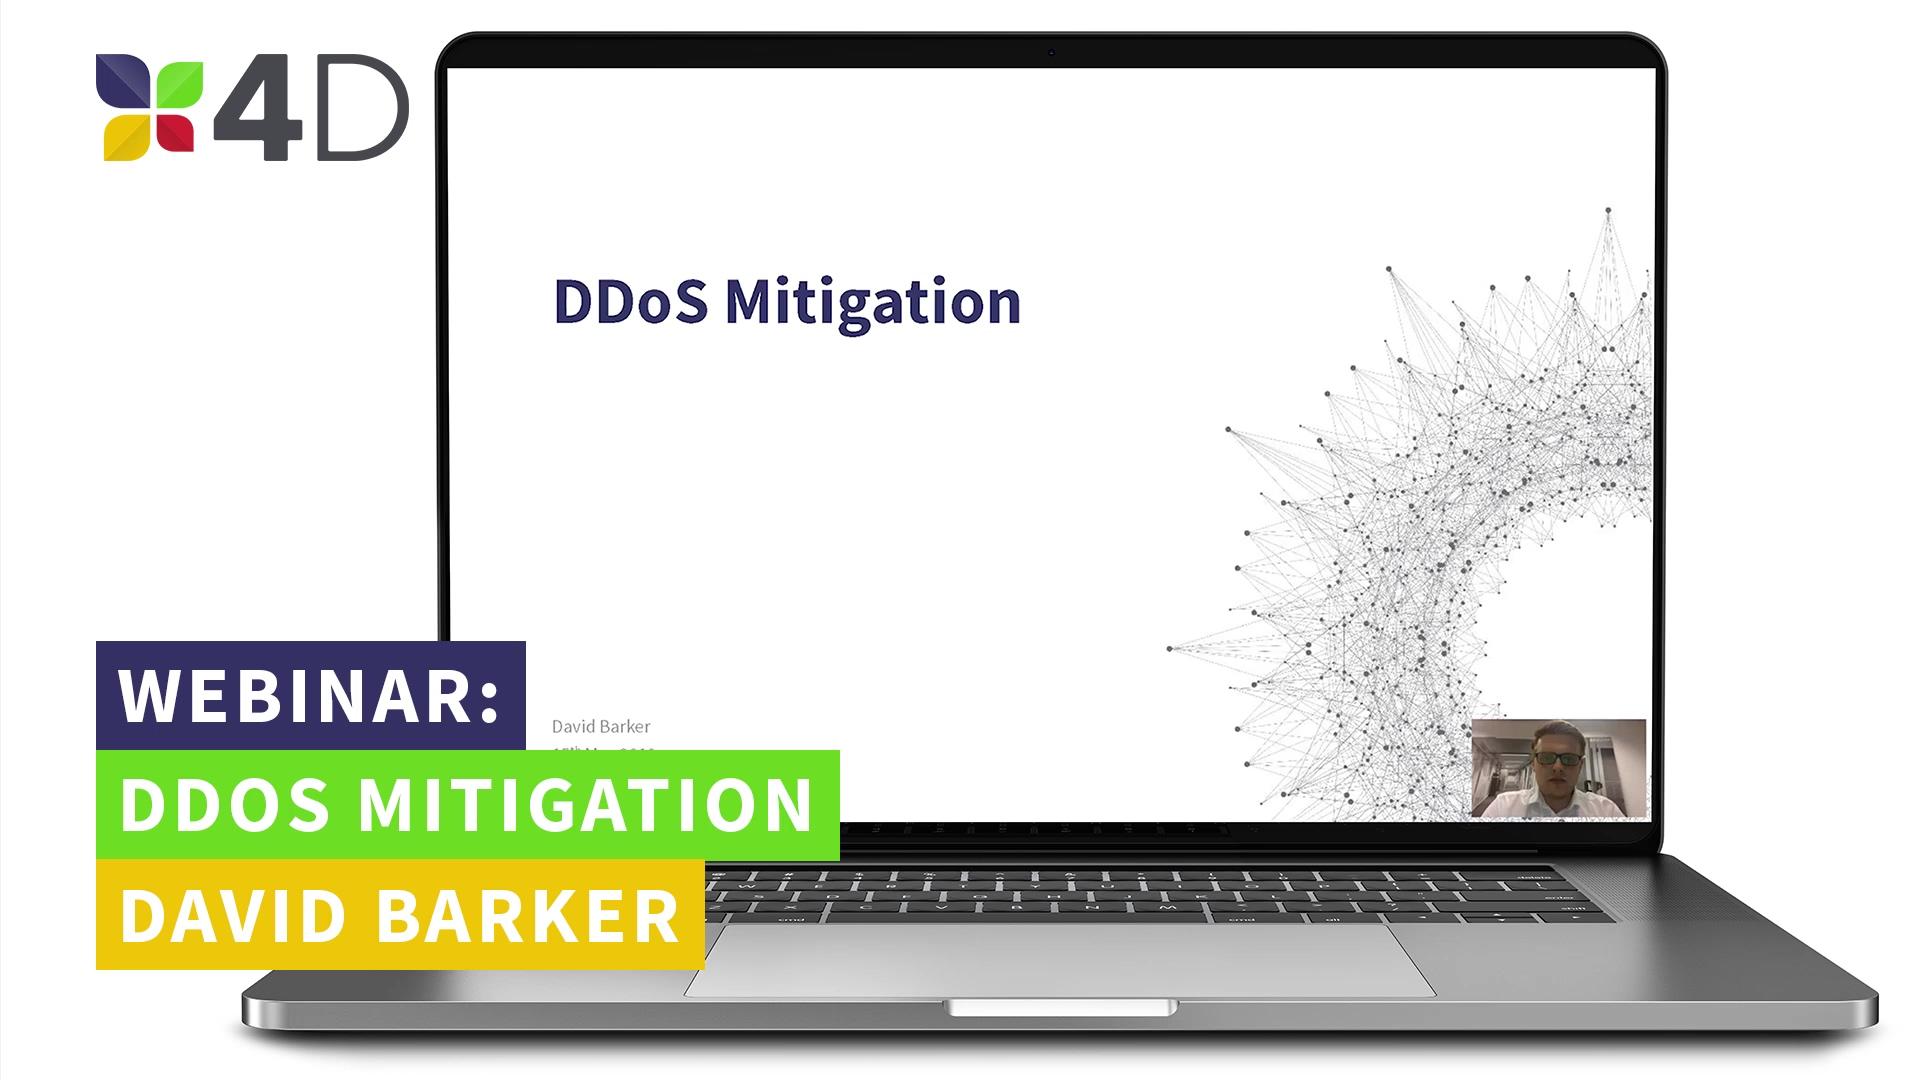 Webinar - DDOS Mitigation - DB 2